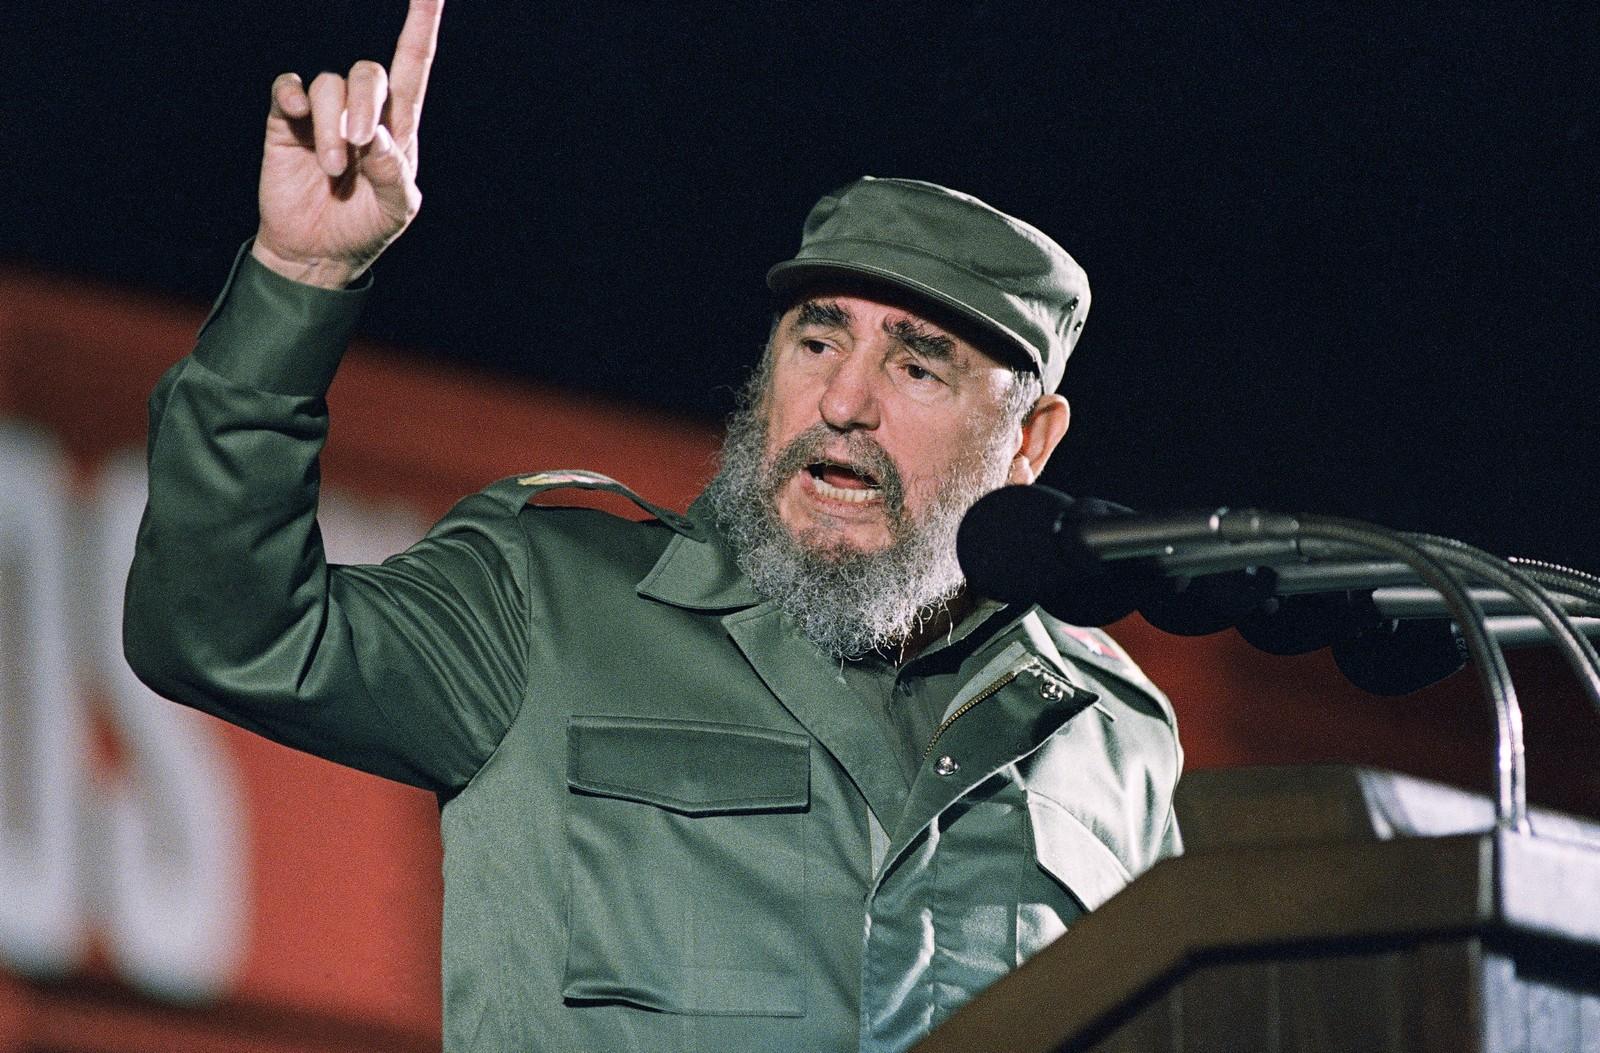 Fidel Castro slik verden var vant til å se ham, engasjert på en talerstol og ikledd sin grønne militæruniform. Her fra talen han holdt på 30-årsdagen for de revolusjonæres seier og maktovertakelse, 1. januar 1989.